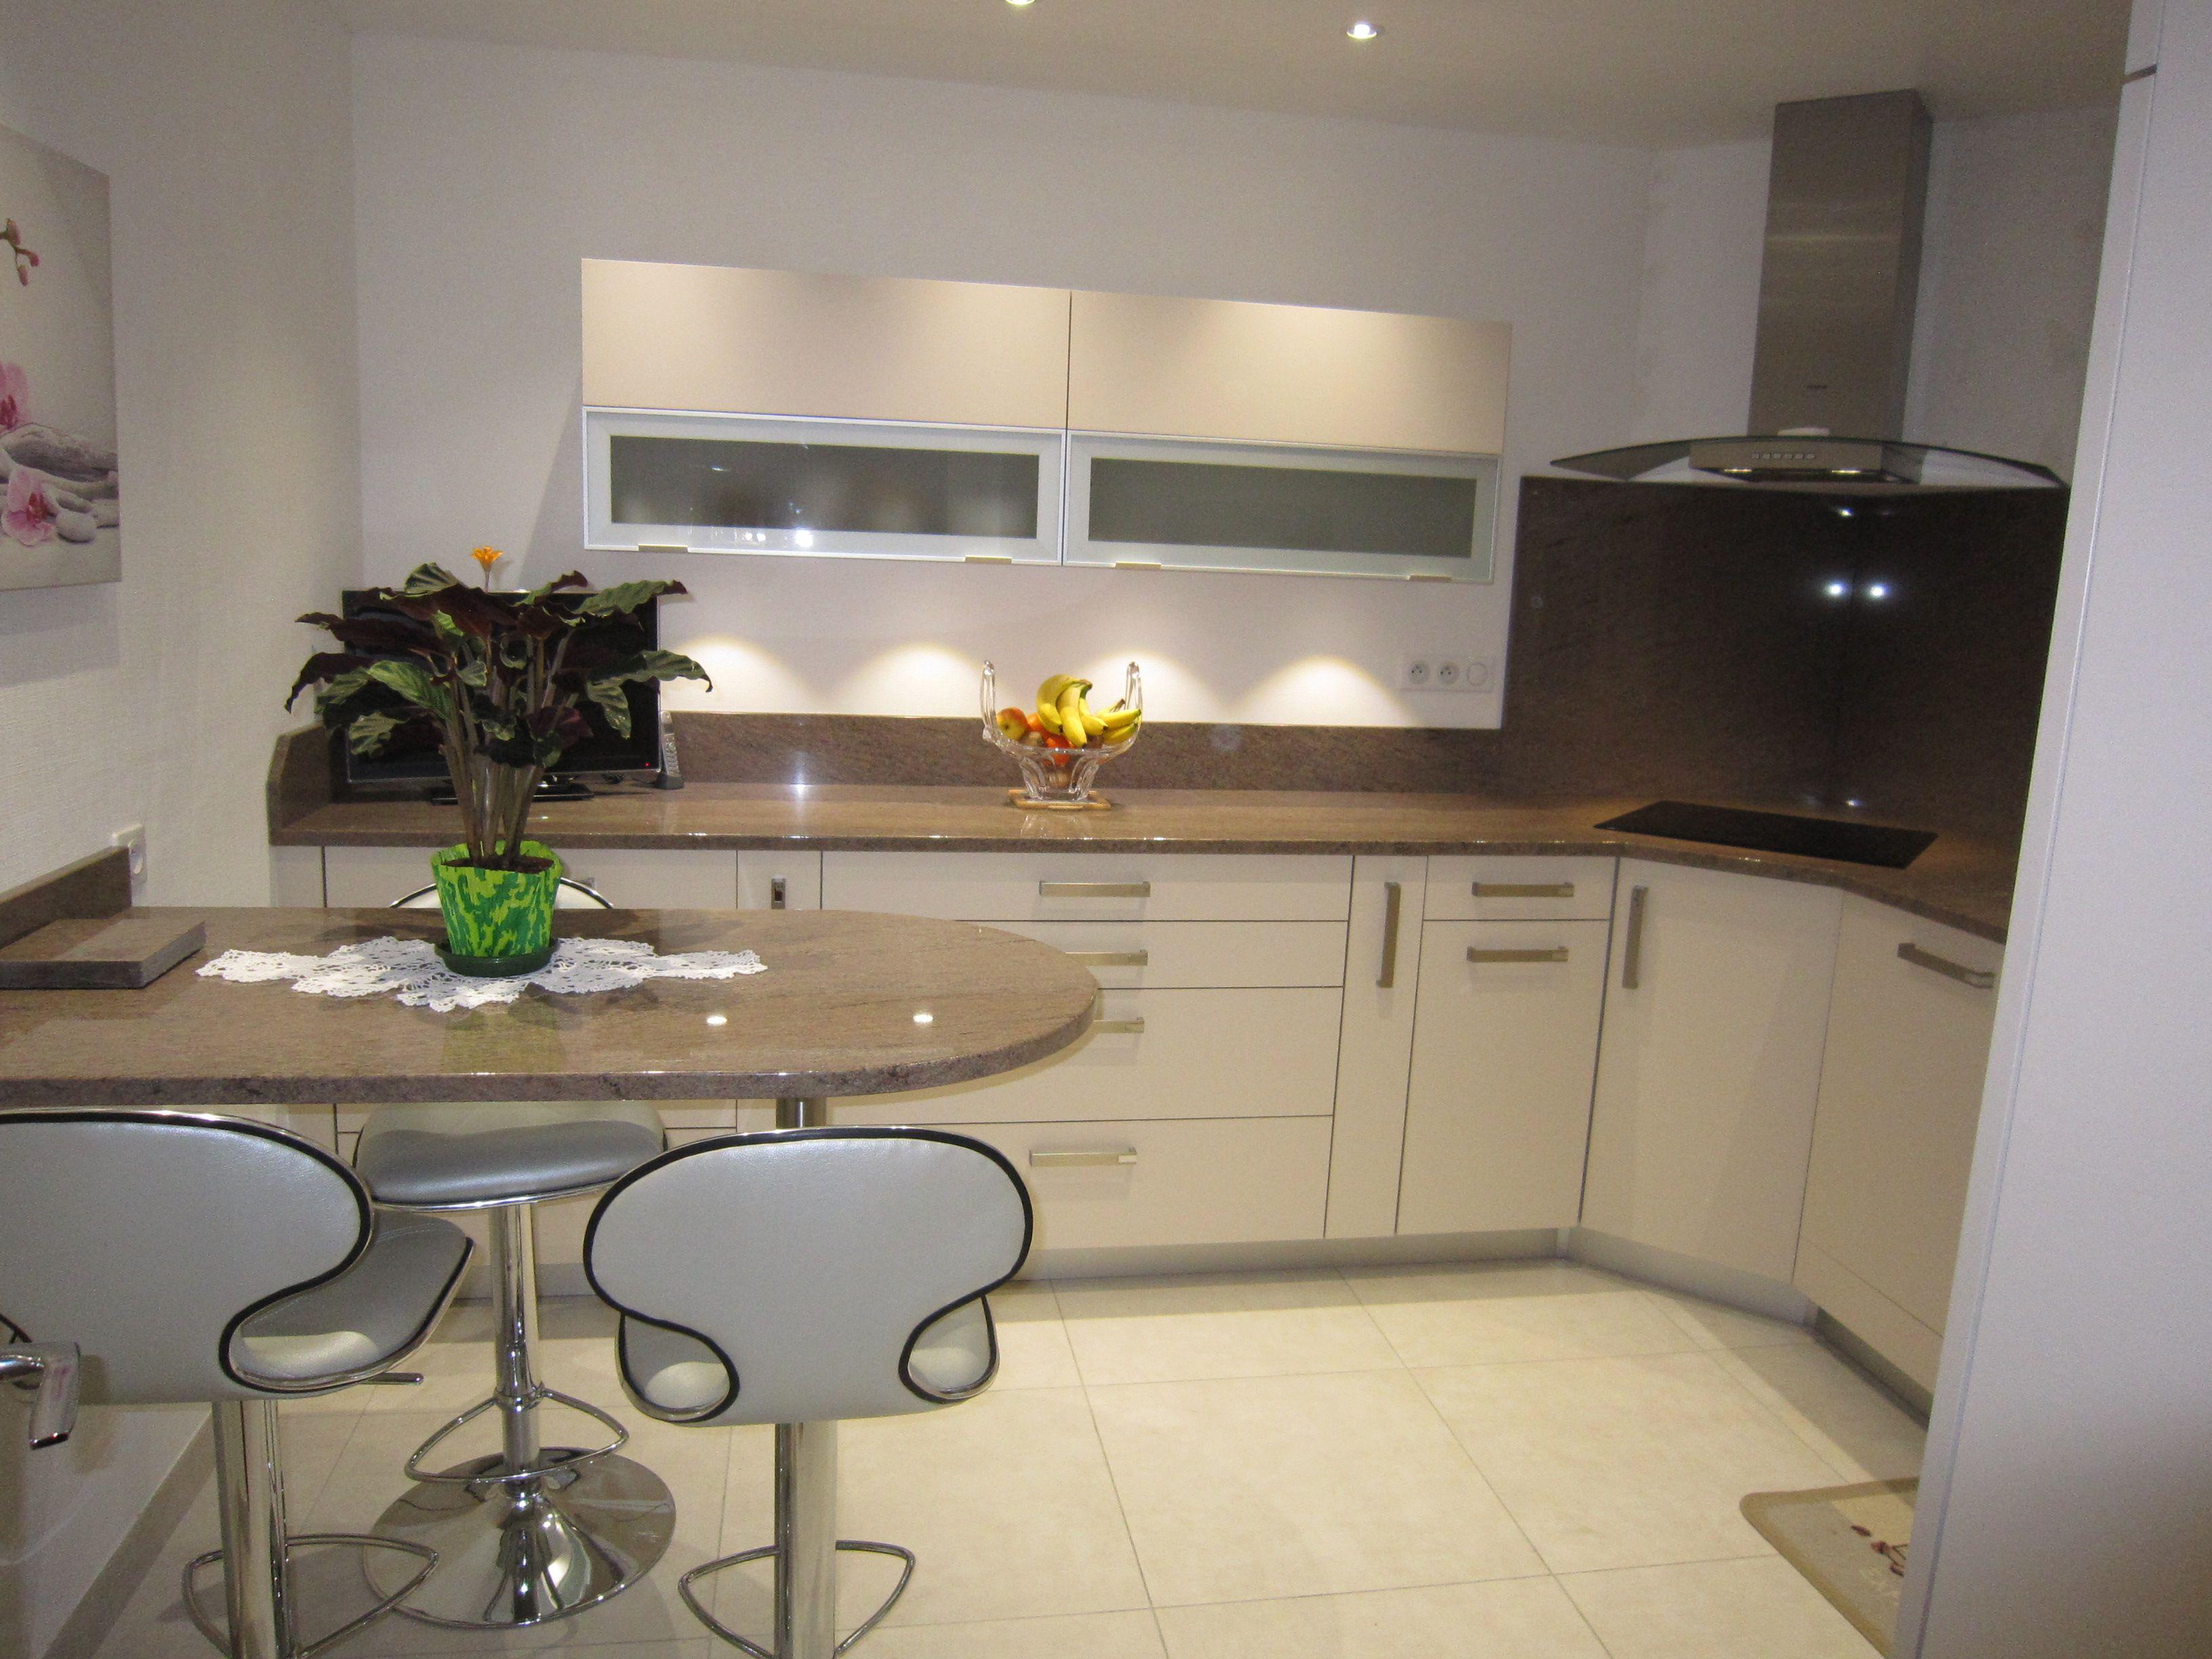 Faience Cuisine Beige Et Marron réalisation cuisines couloir : modèle beige rosé avec plan